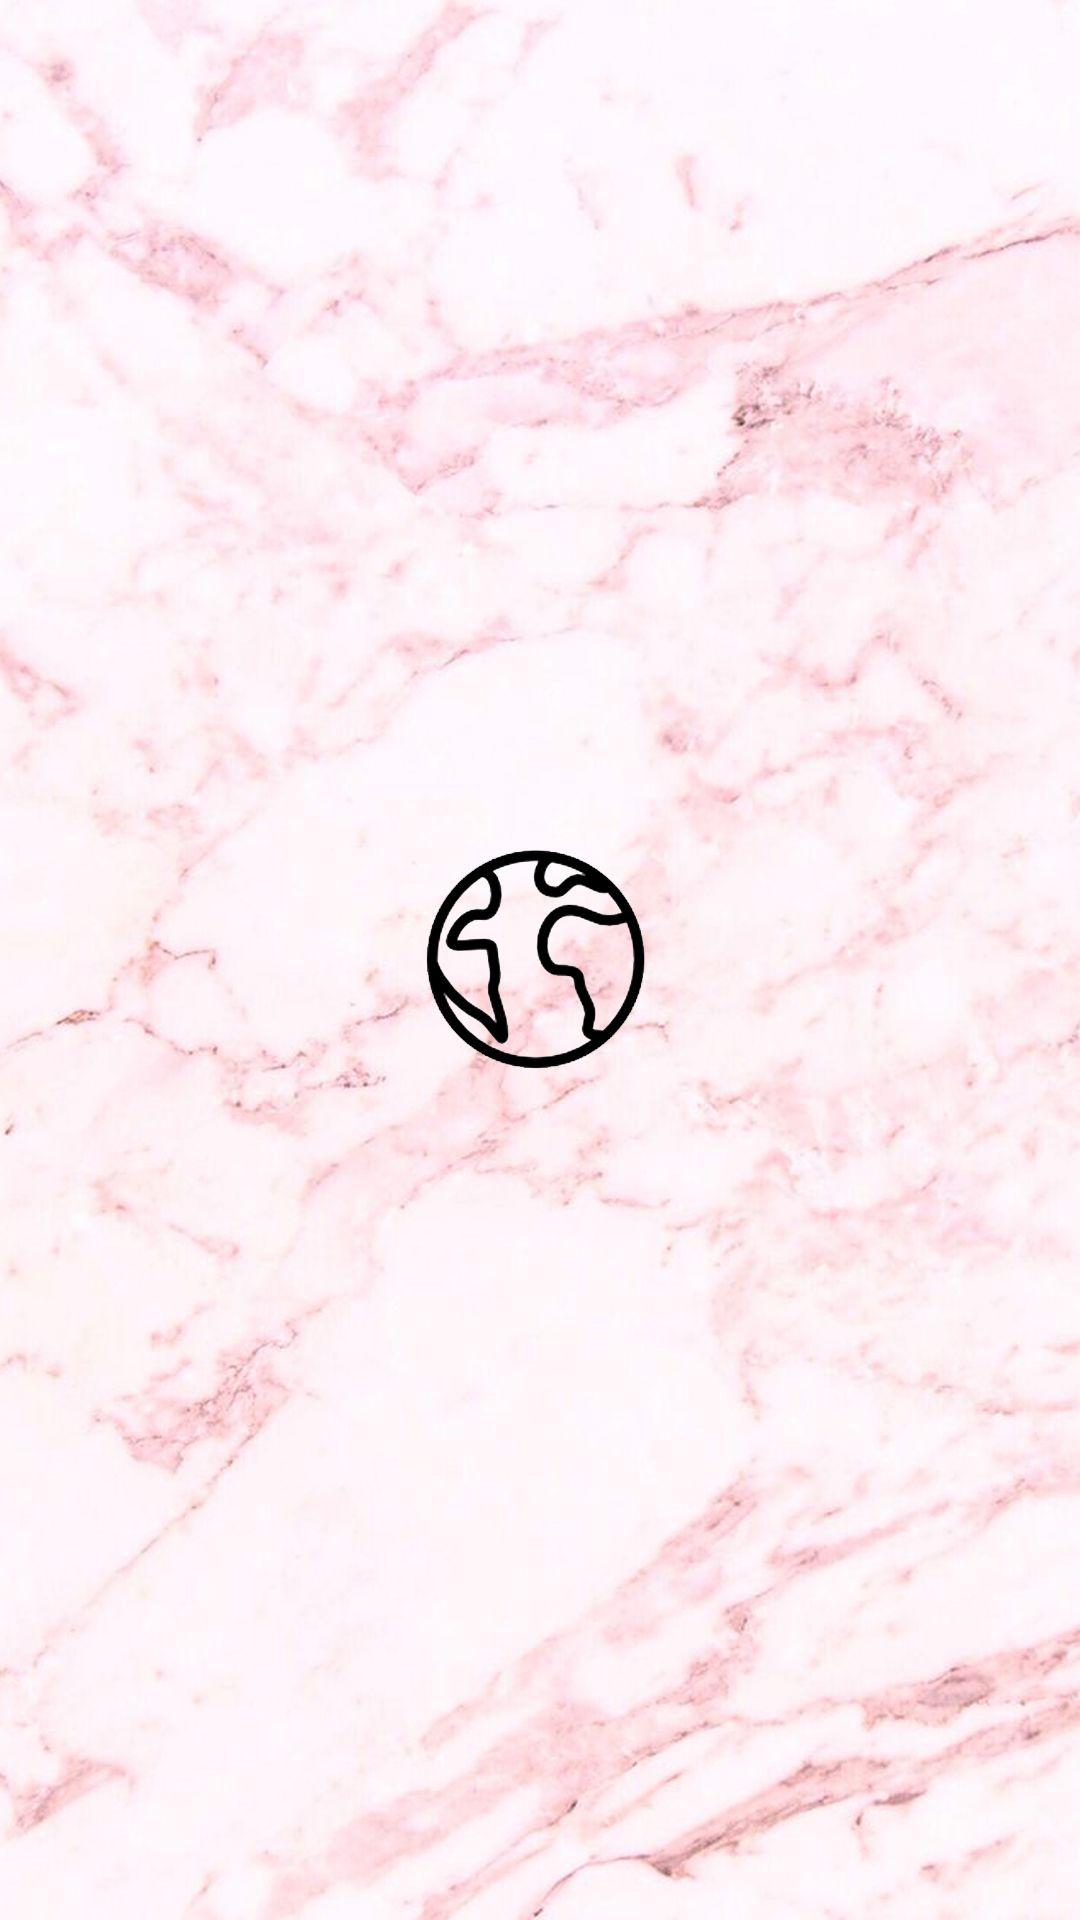 93575fa67 Pin de Megan Rhodes en Insta story icons en 2019 | Instagram highlight  icons, Instagram logo y Instagram story